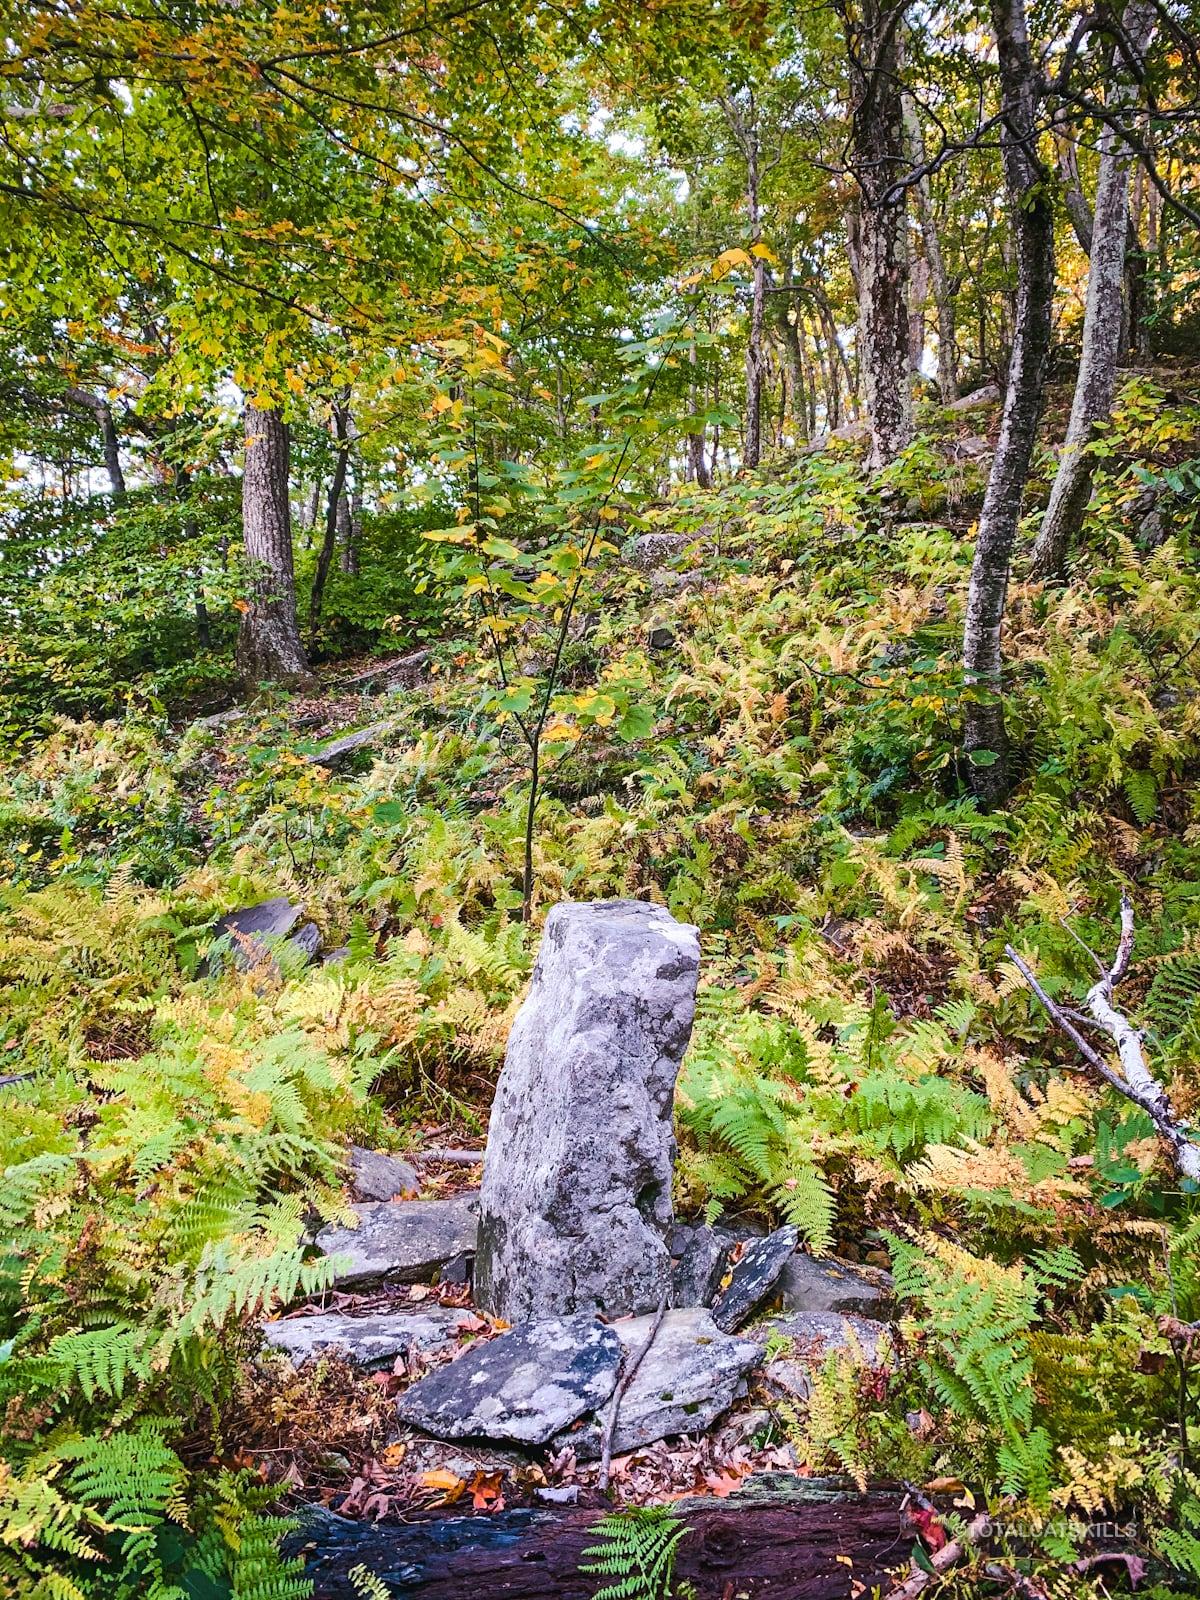 stone marker among ferns